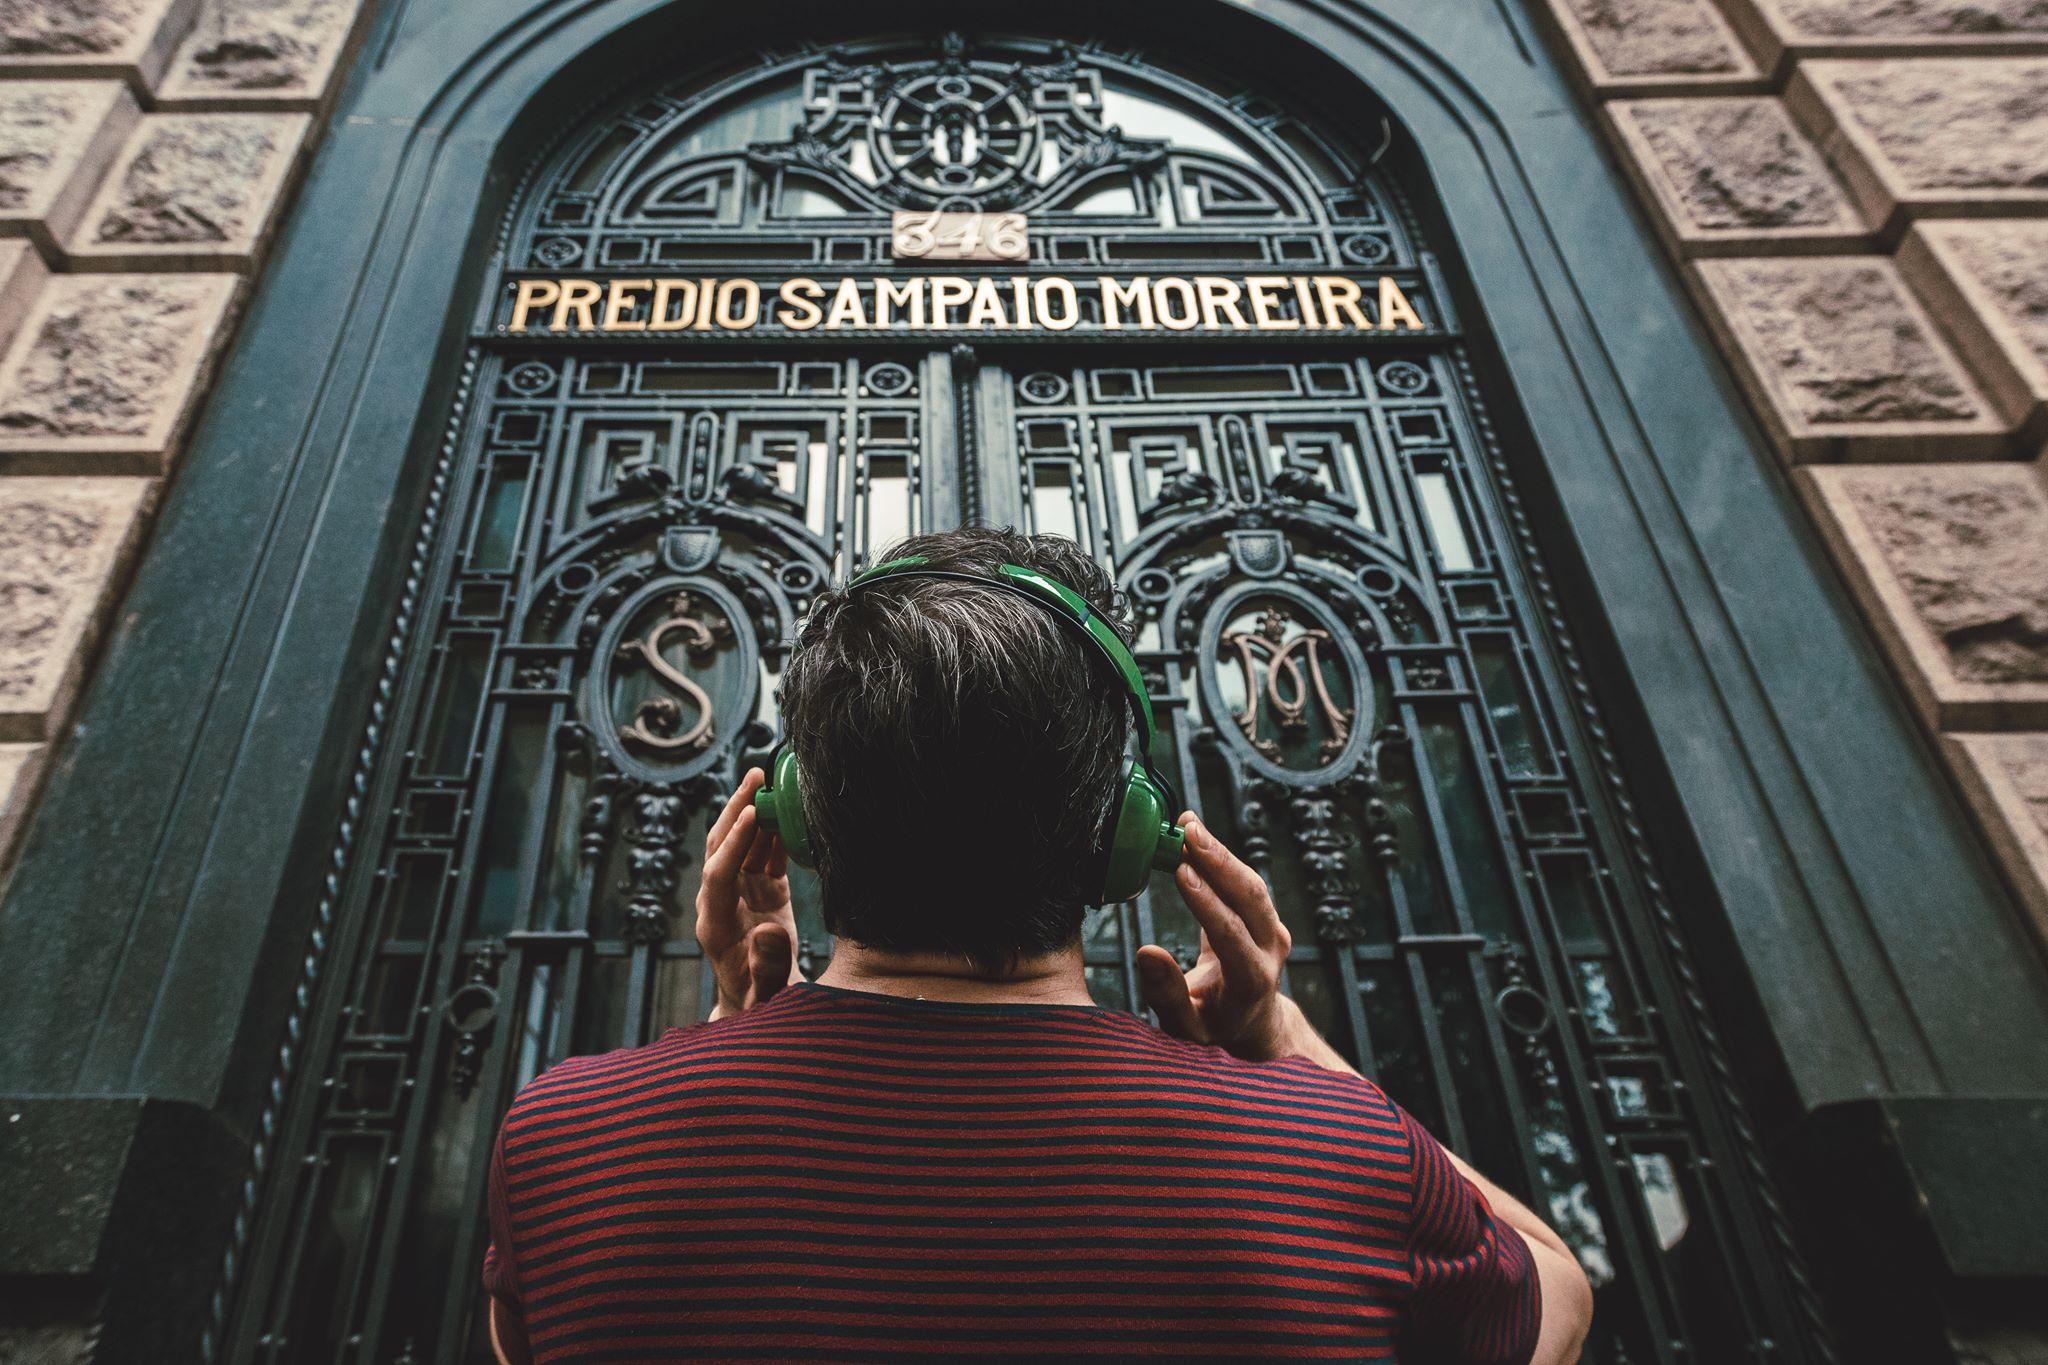 Frequência Ausente 19Hz no Centro Histórico de São Paulo. Foto: divulgação